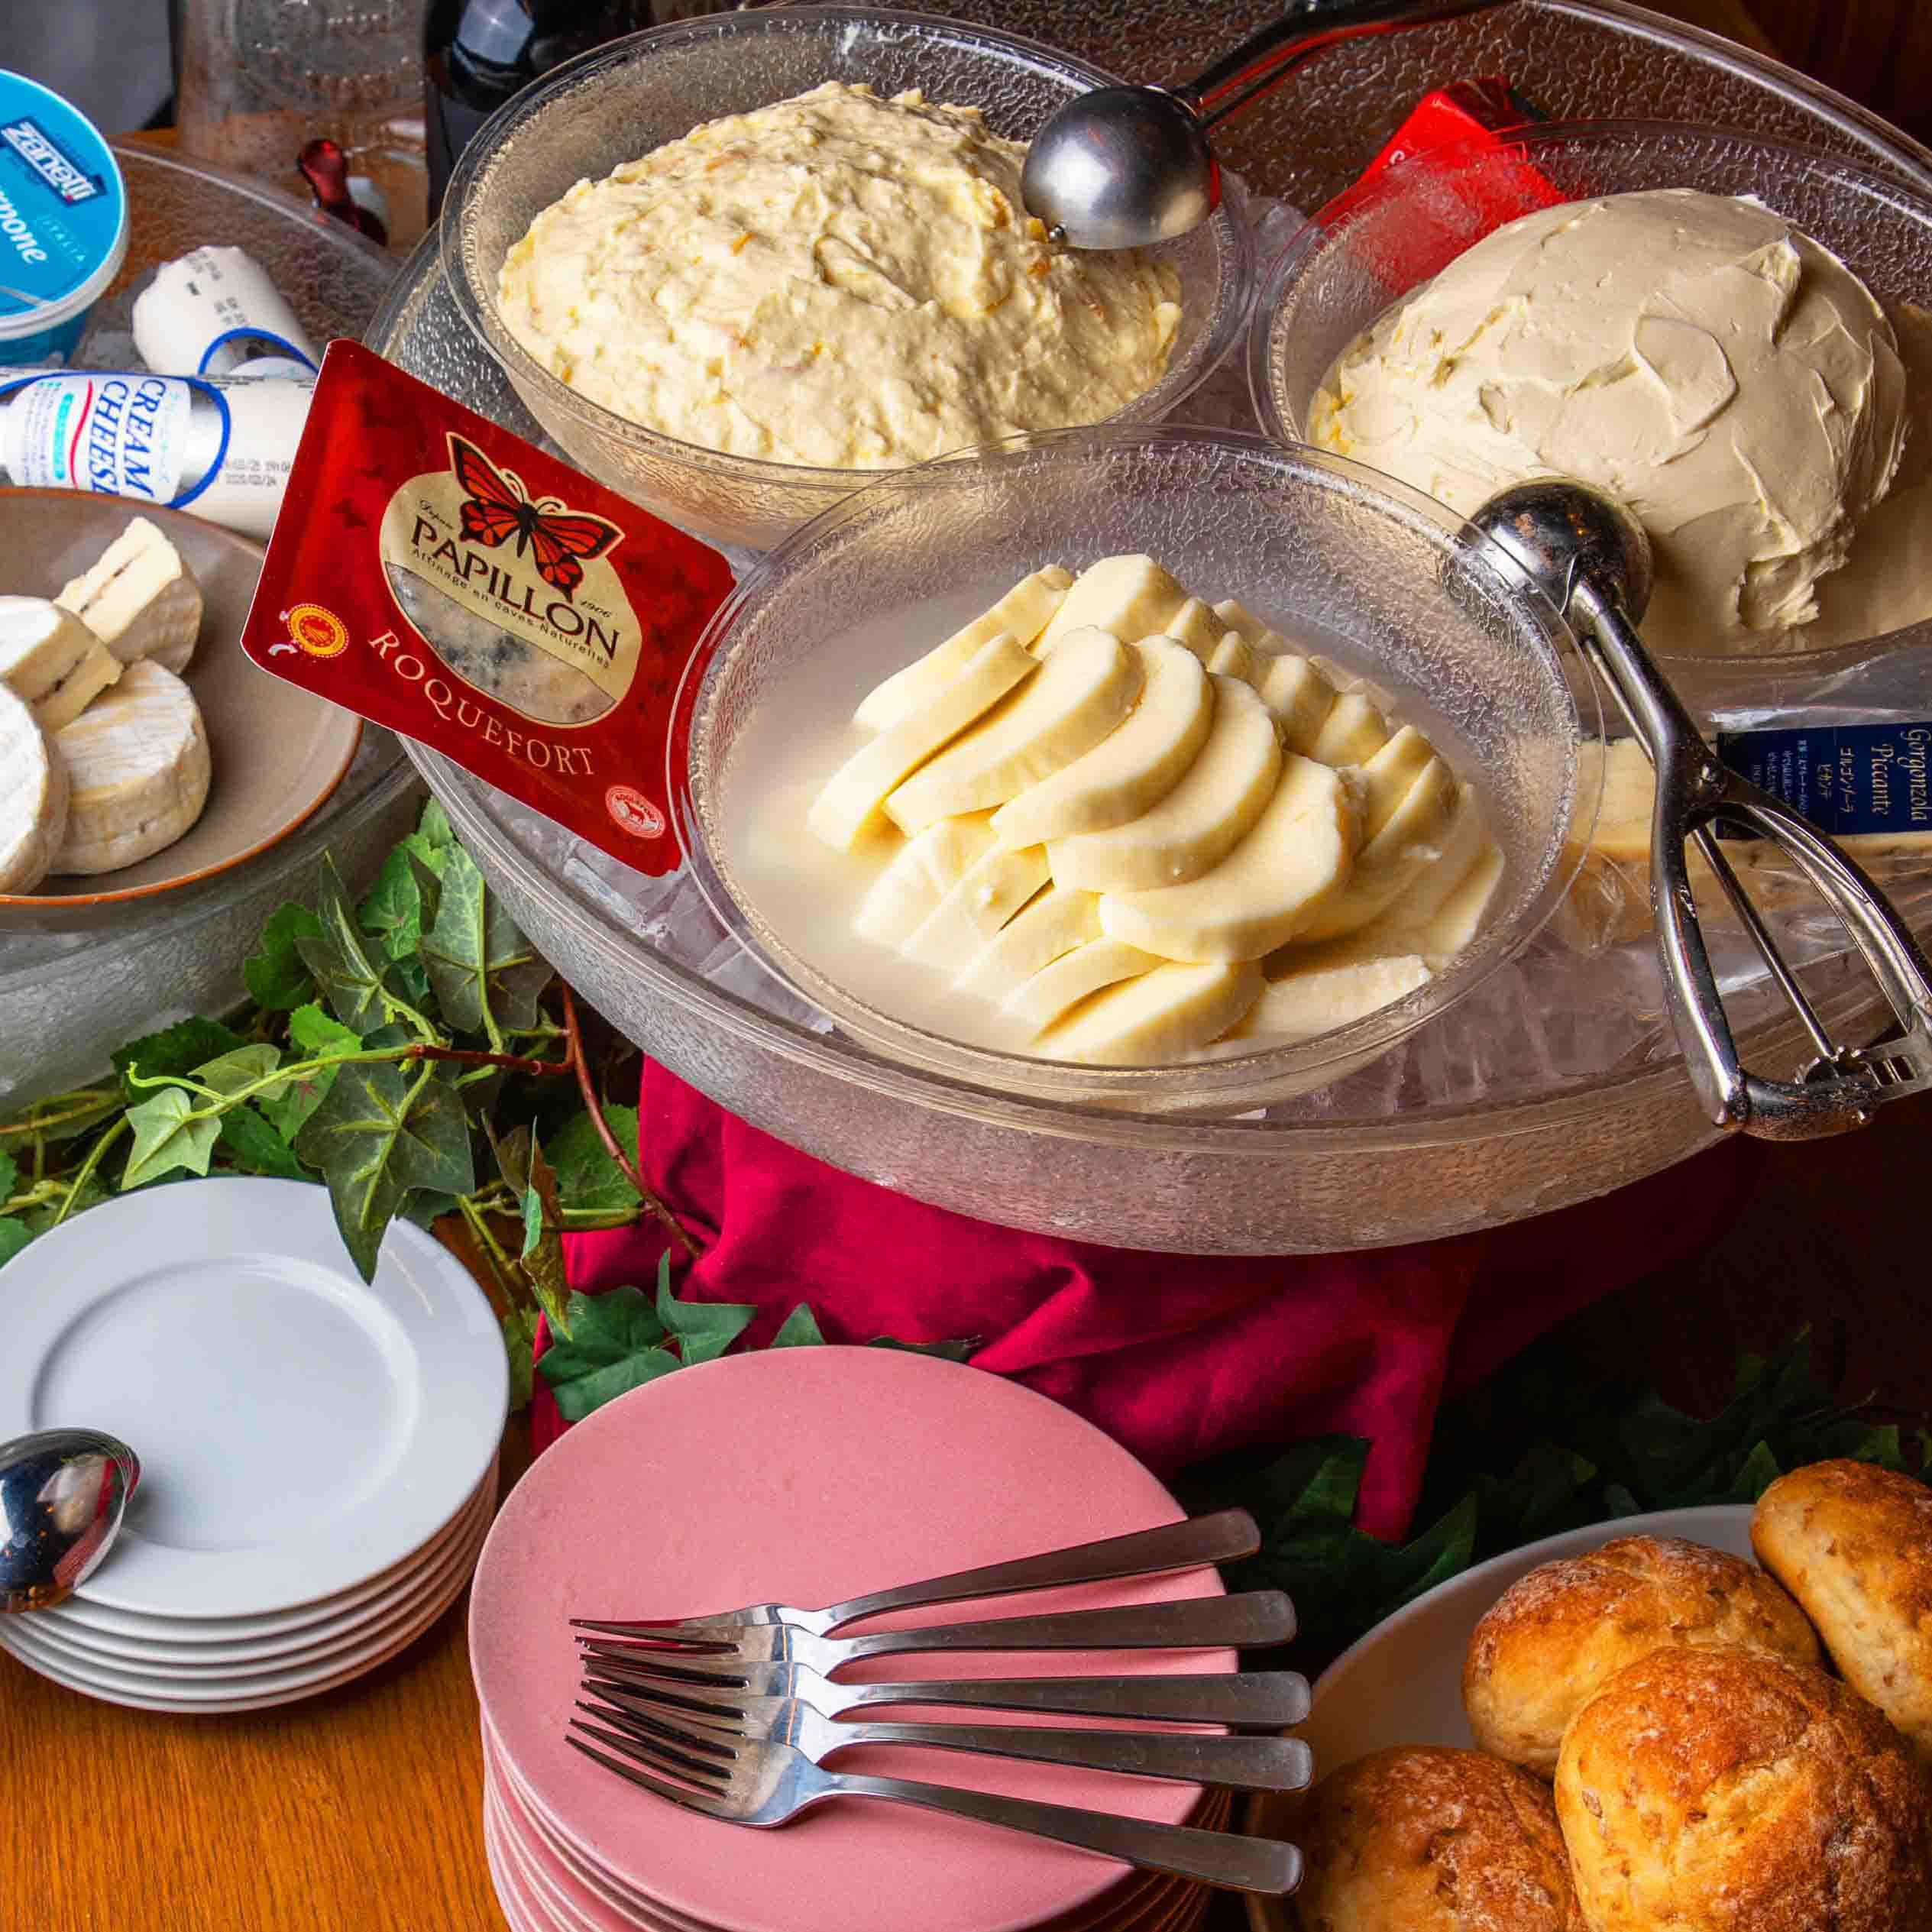 [お料理のみ] オウンド月~木限定5種チーズ食べ放題!プレミアムチーズビュッフェ6品